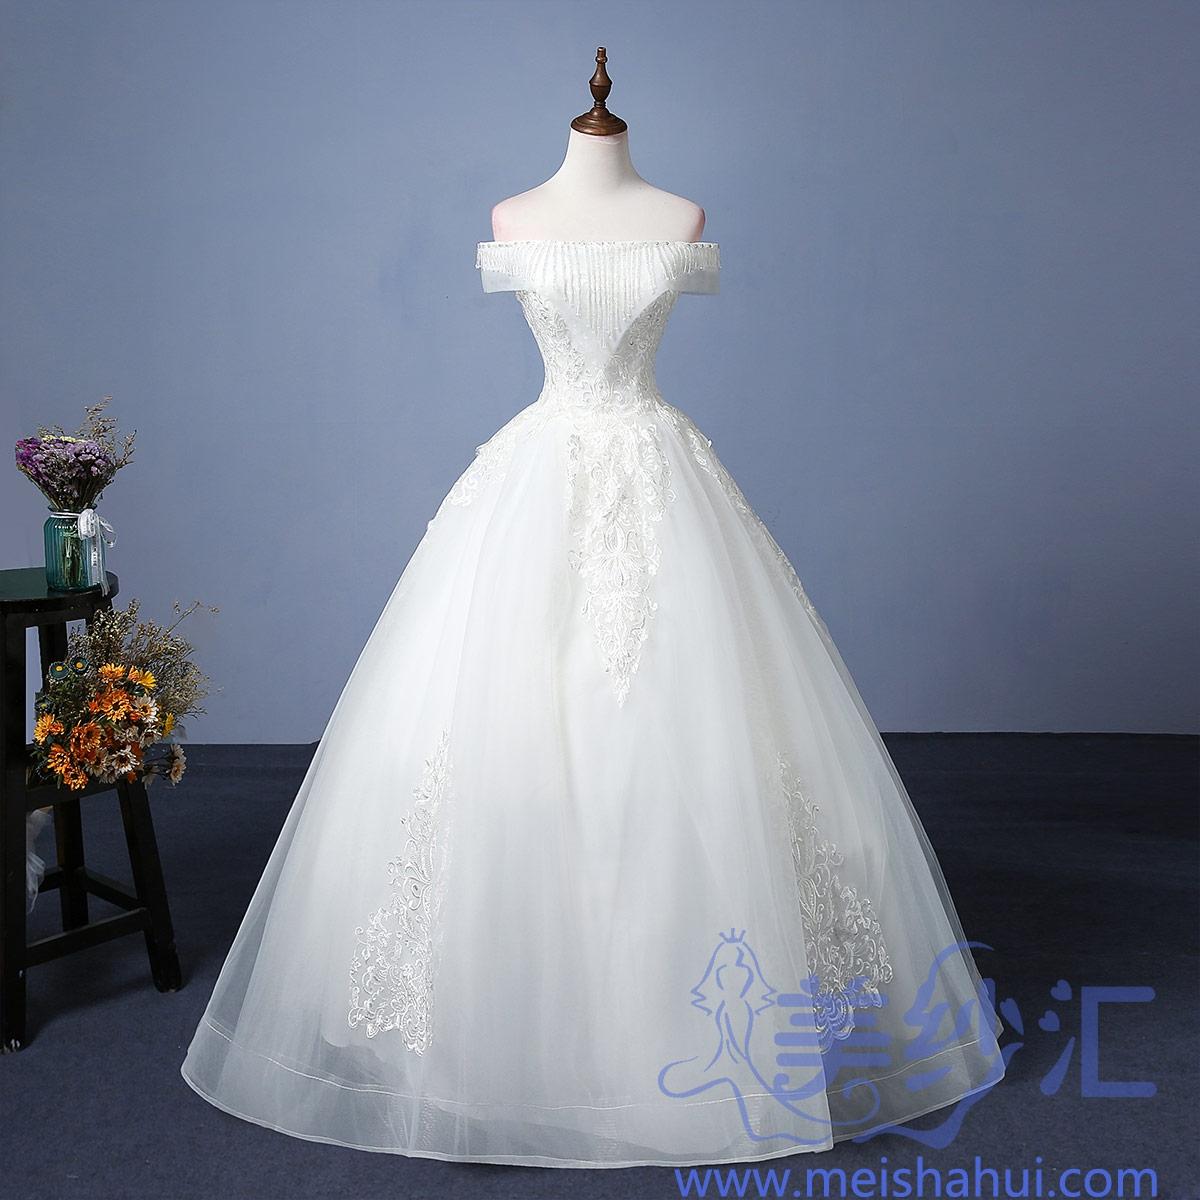 一字肩版精美花纹图案新款新娘嫁衣齐地婚纱101101C-190 如图 均码